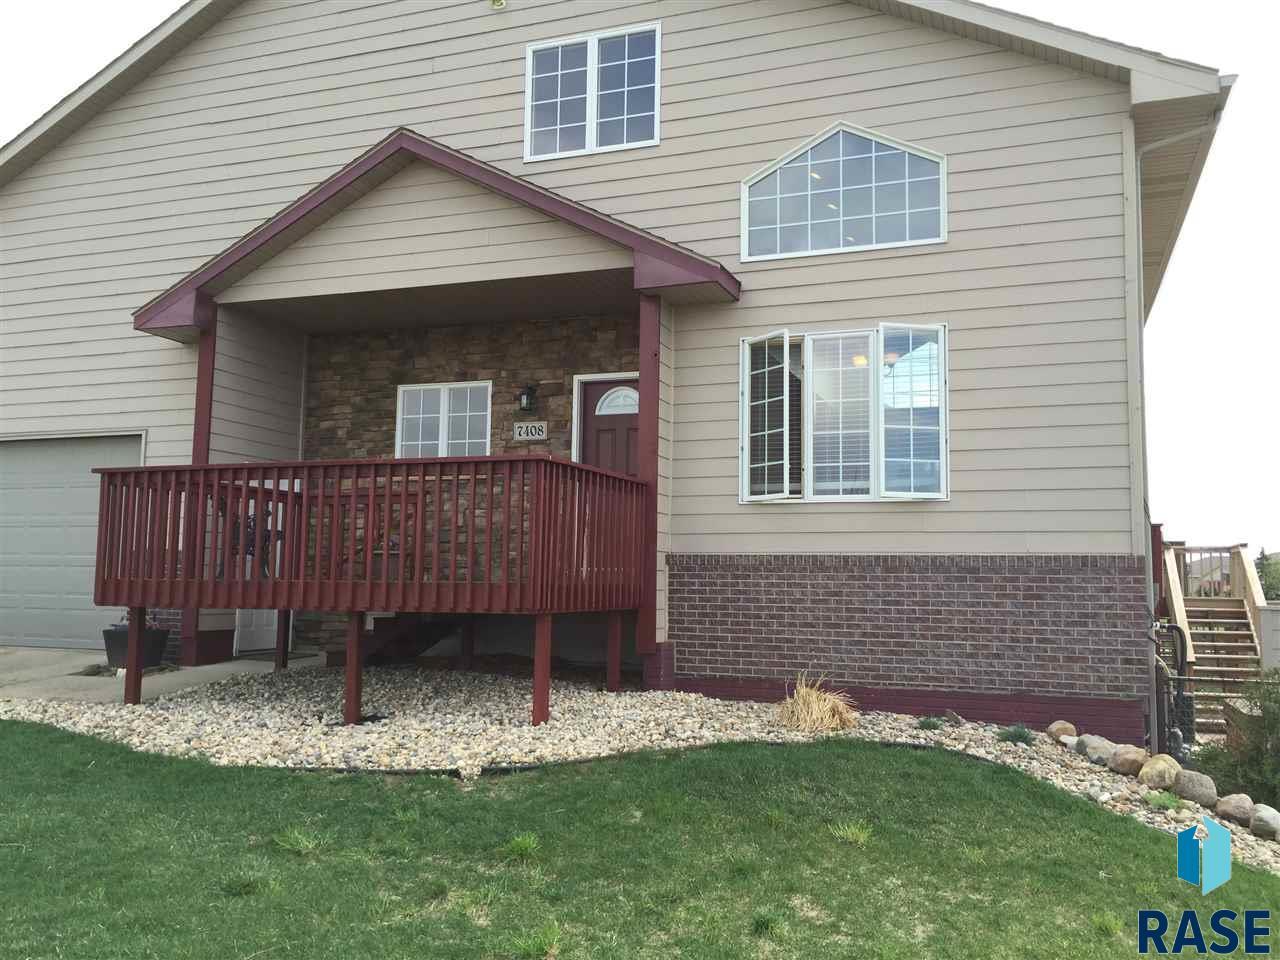 7408 S Hughes Ave, Sioux Falls, SD 57108